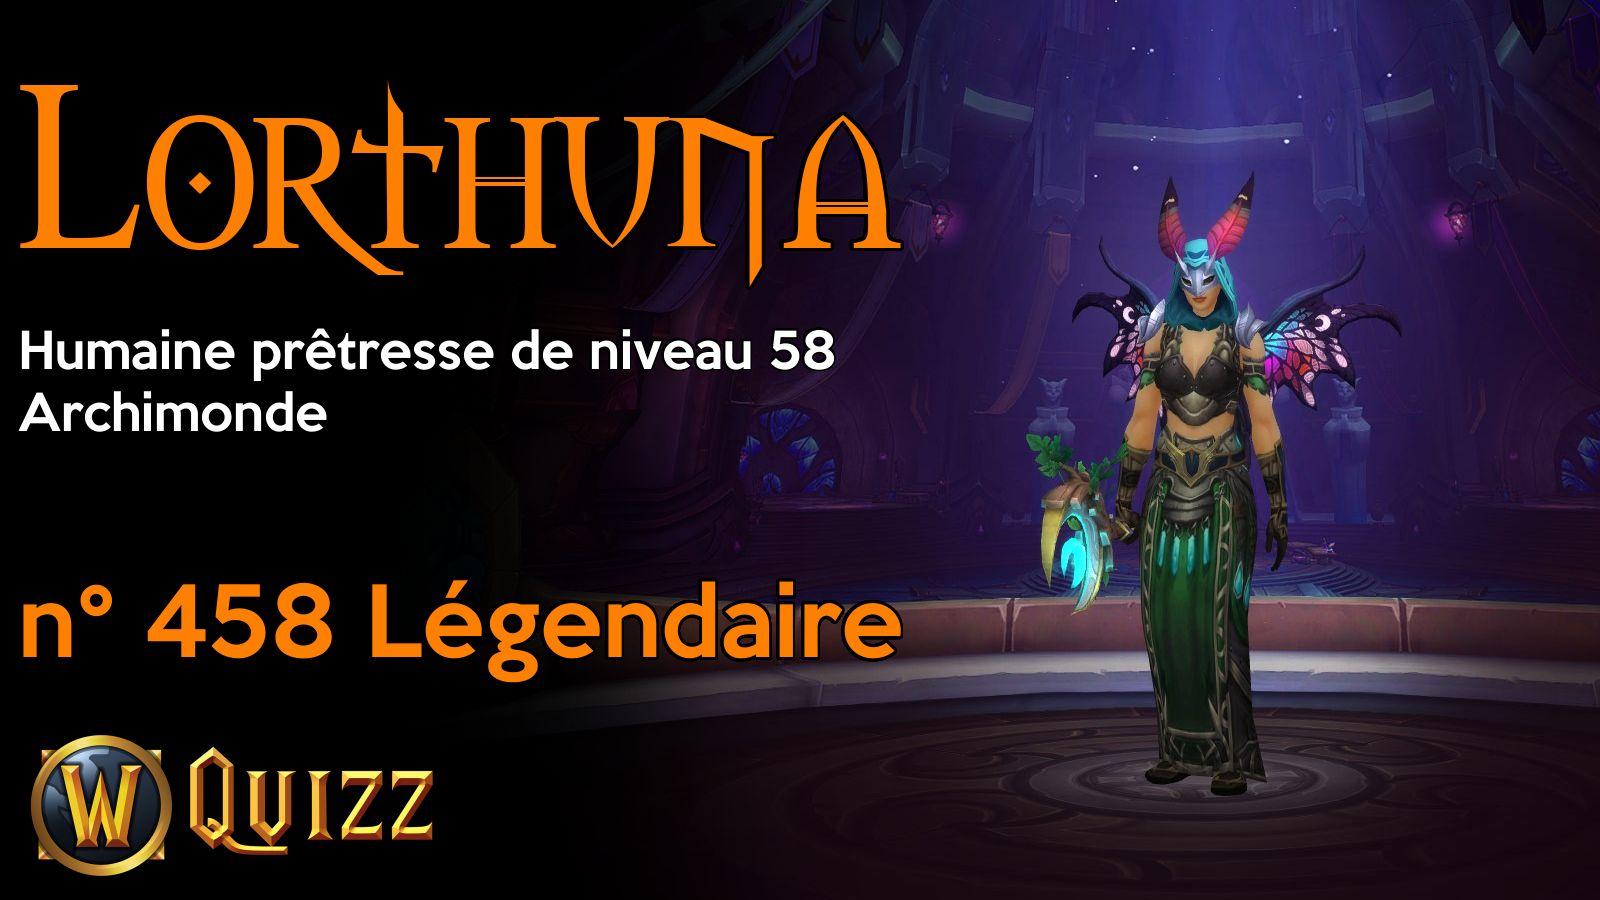 Lorthuna, Humaine prêtresse de niveau 58, Archimonde